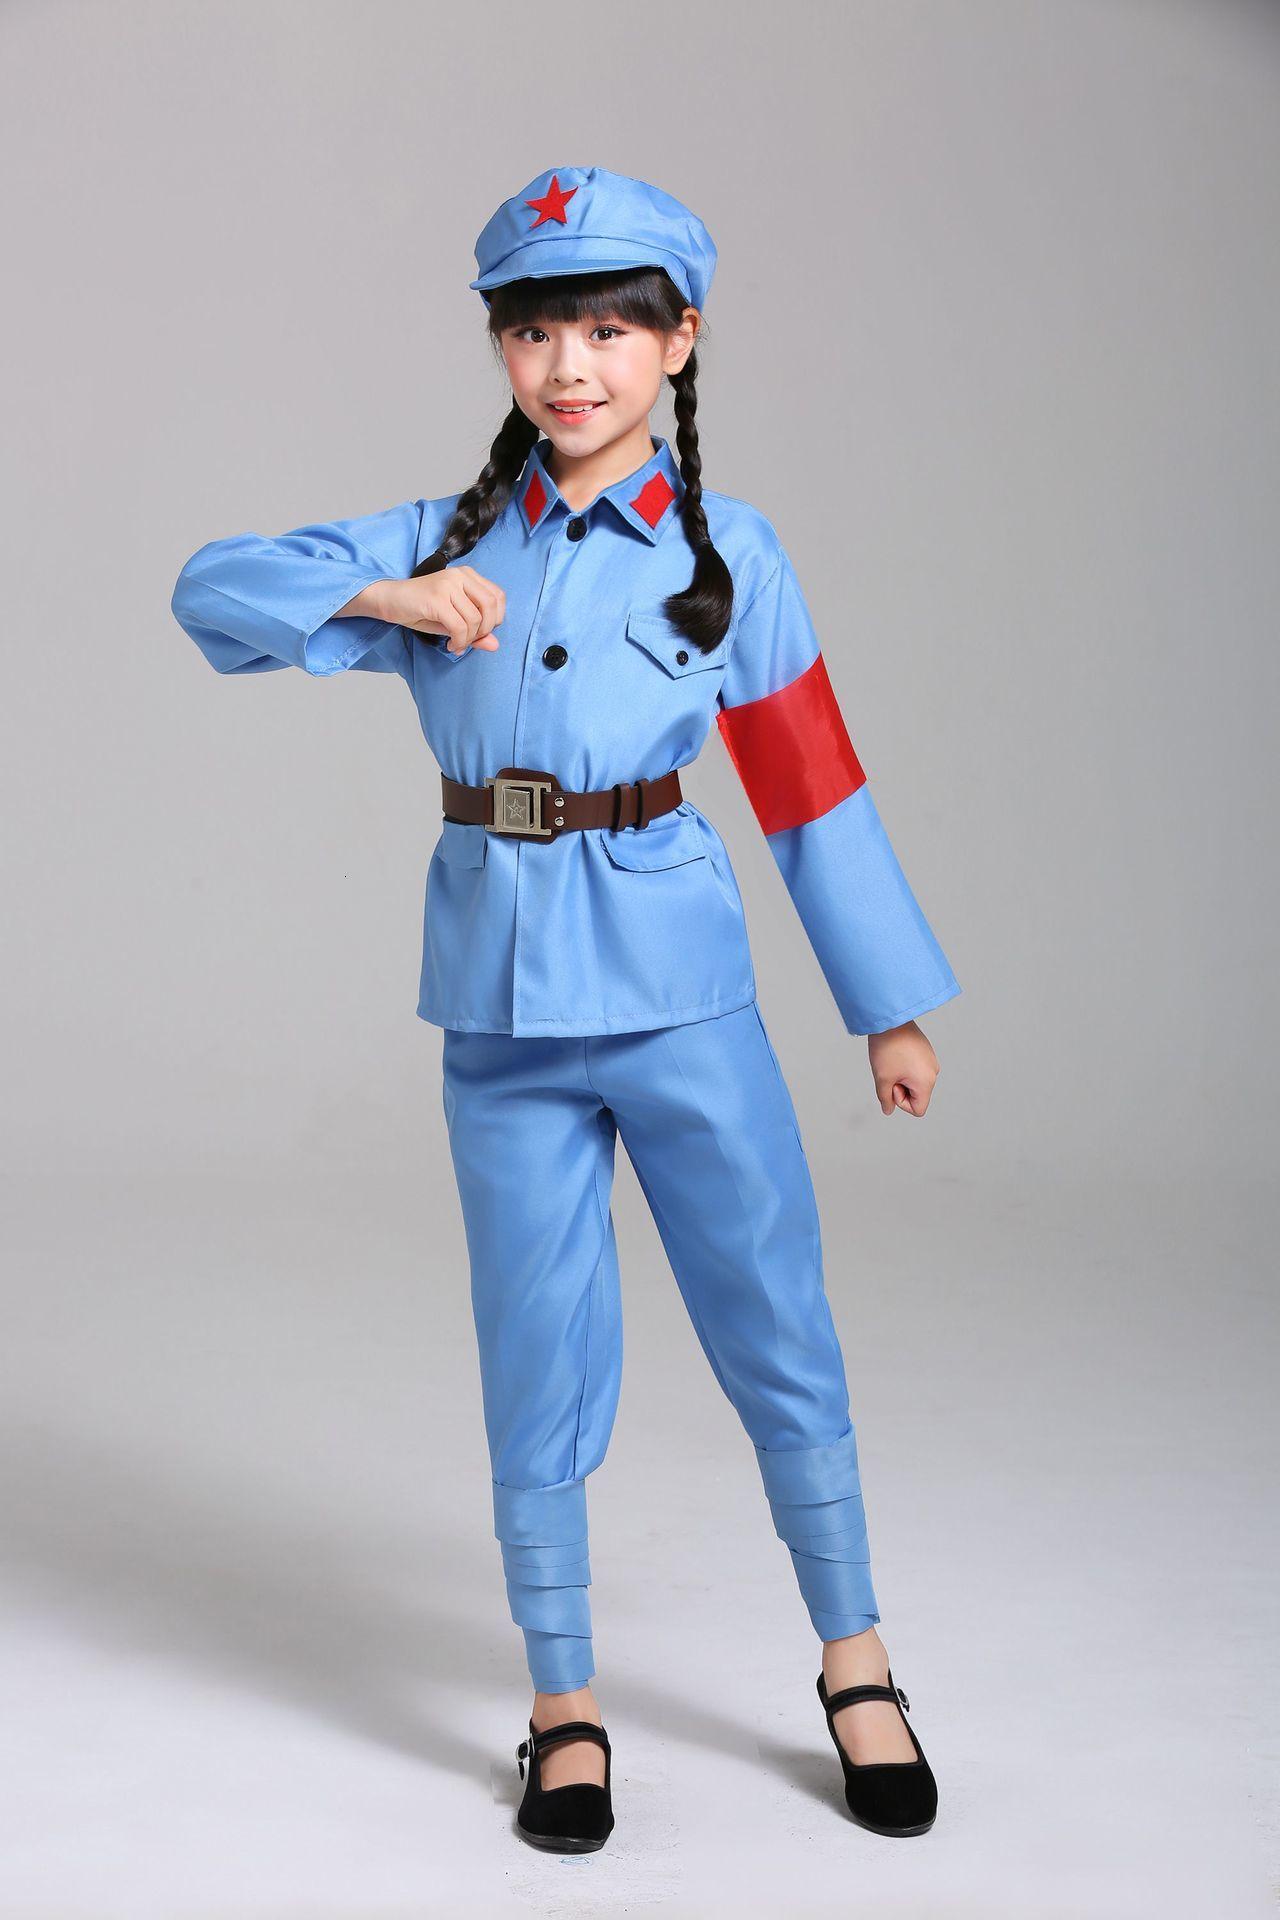 Детские тактические военные куртки, штаны, военная форма для девочек и мальчиков, охотничьи армейские танцевальные костюмы для женщин, Tatico, детская одежда для косплея, комплект - Цвет: 10